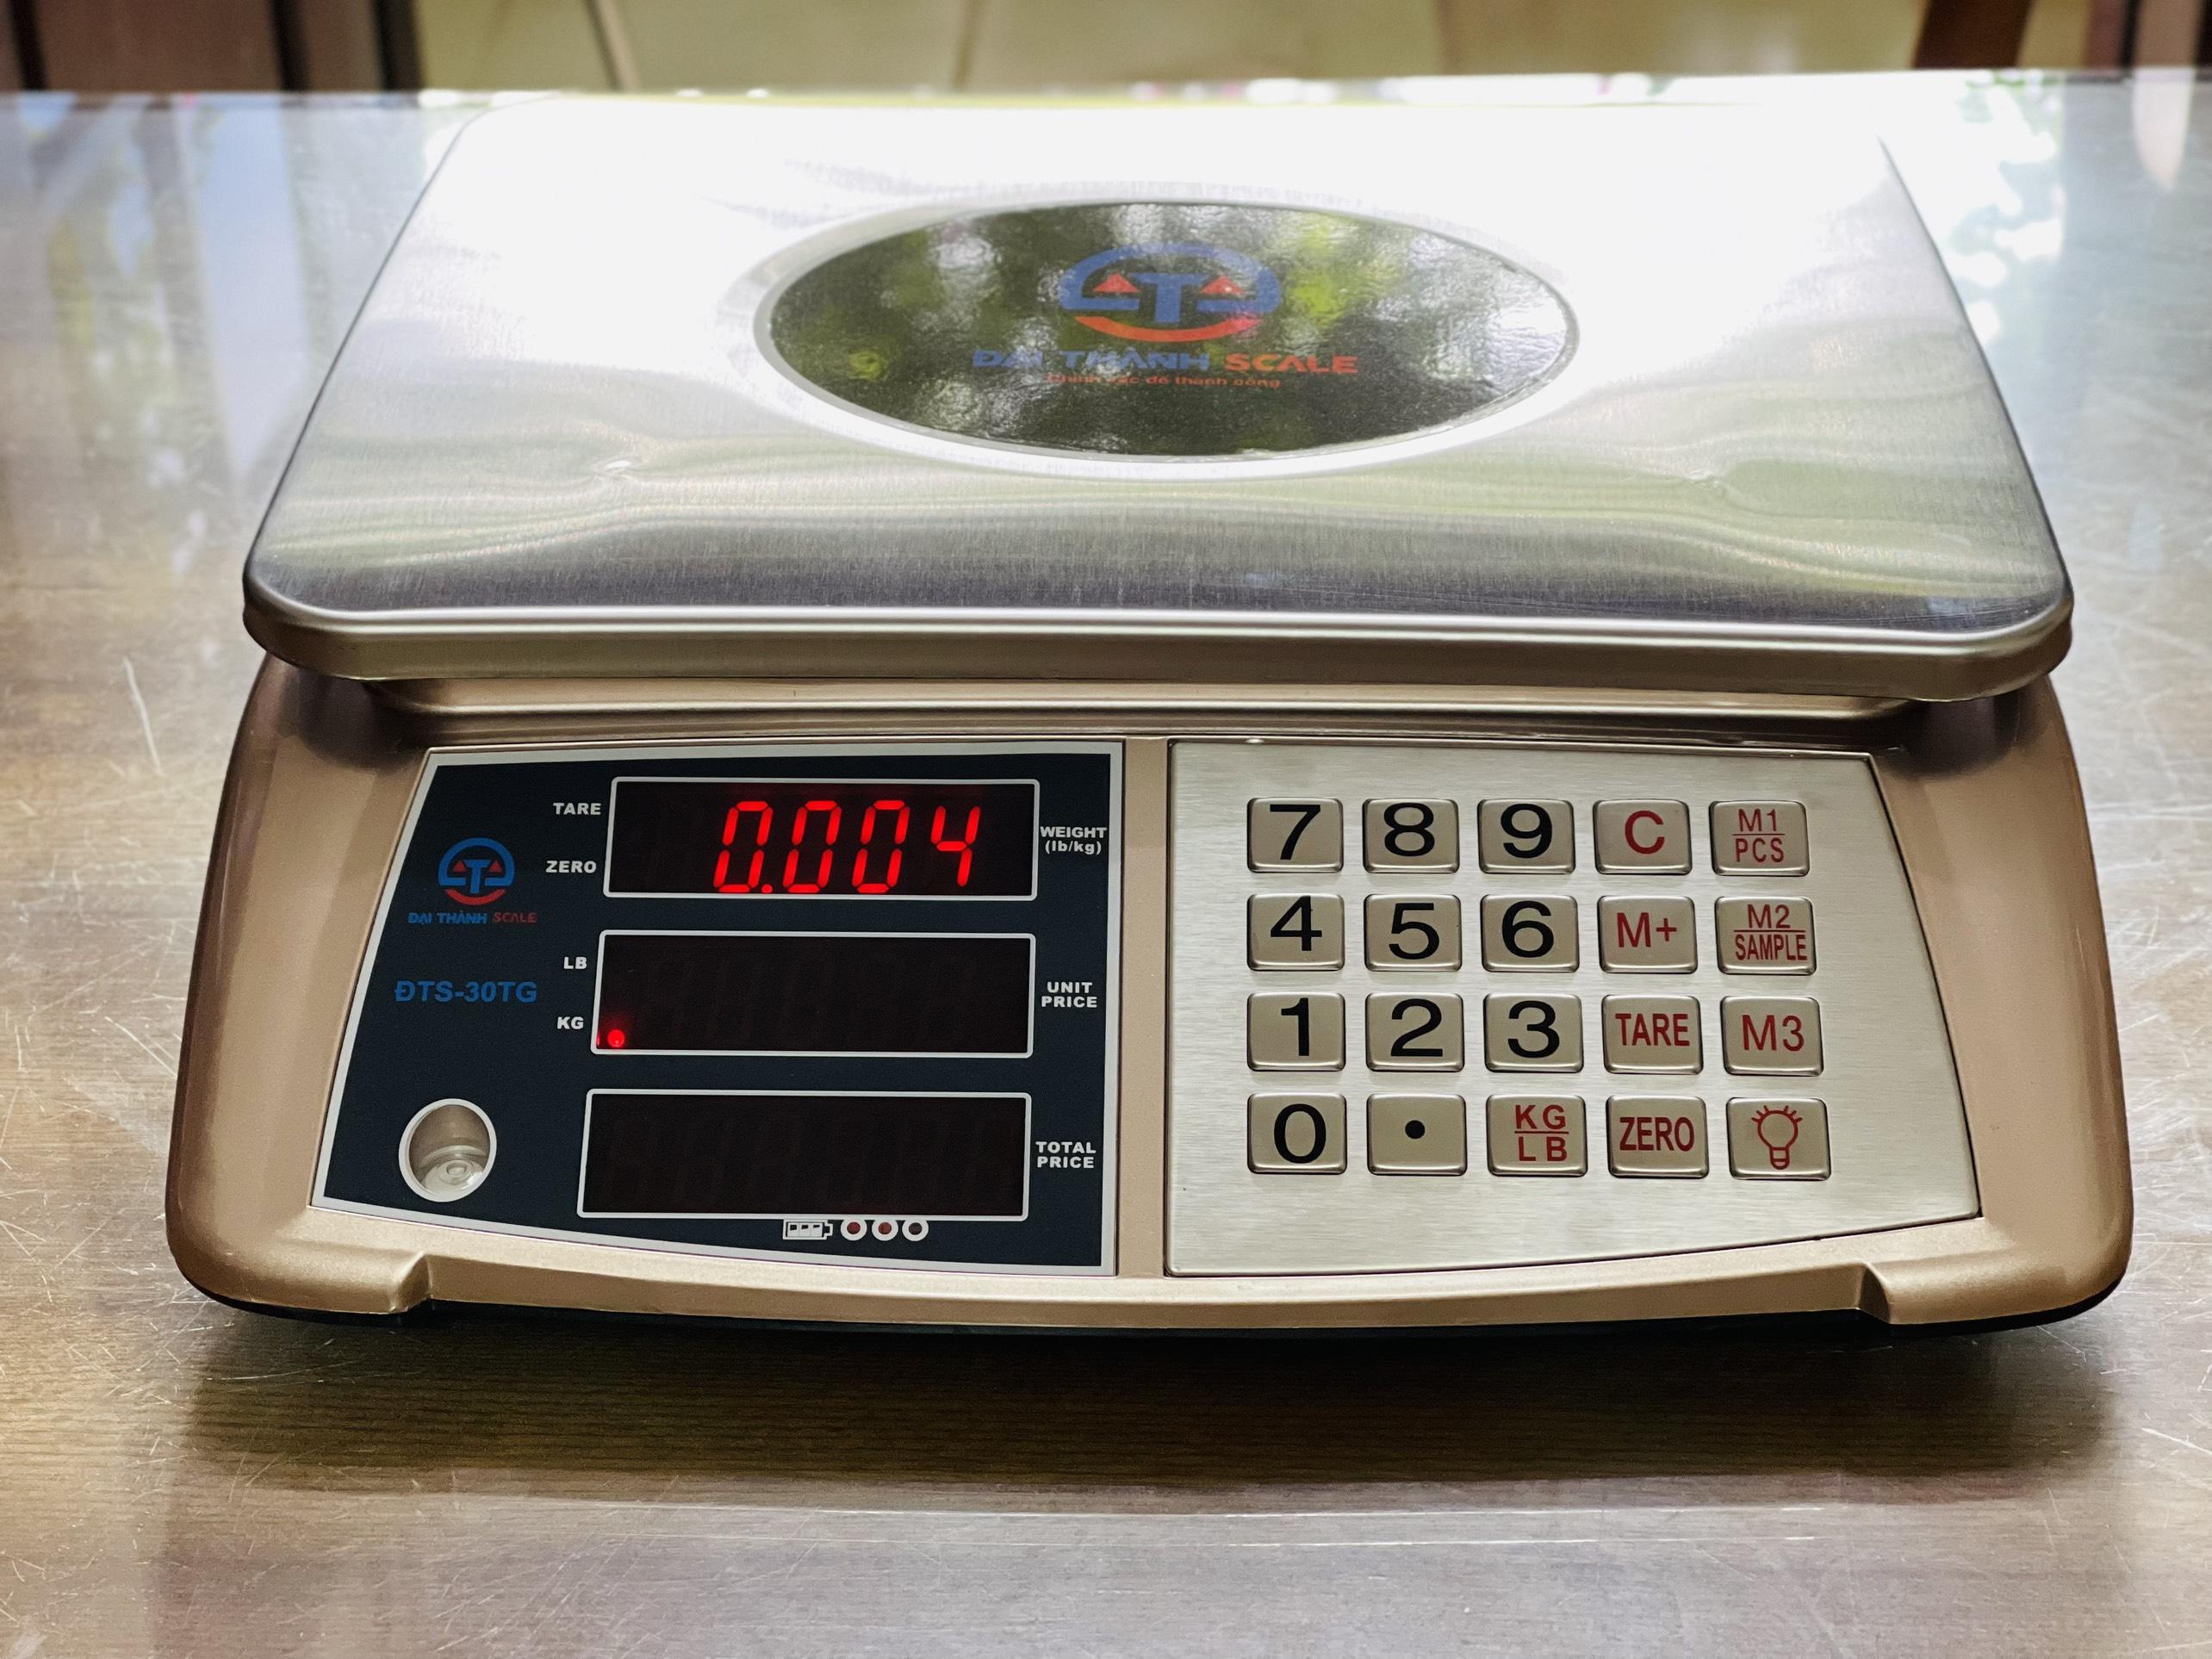 Cân điện tử tính giá Đại Thành ĐTS-30TG